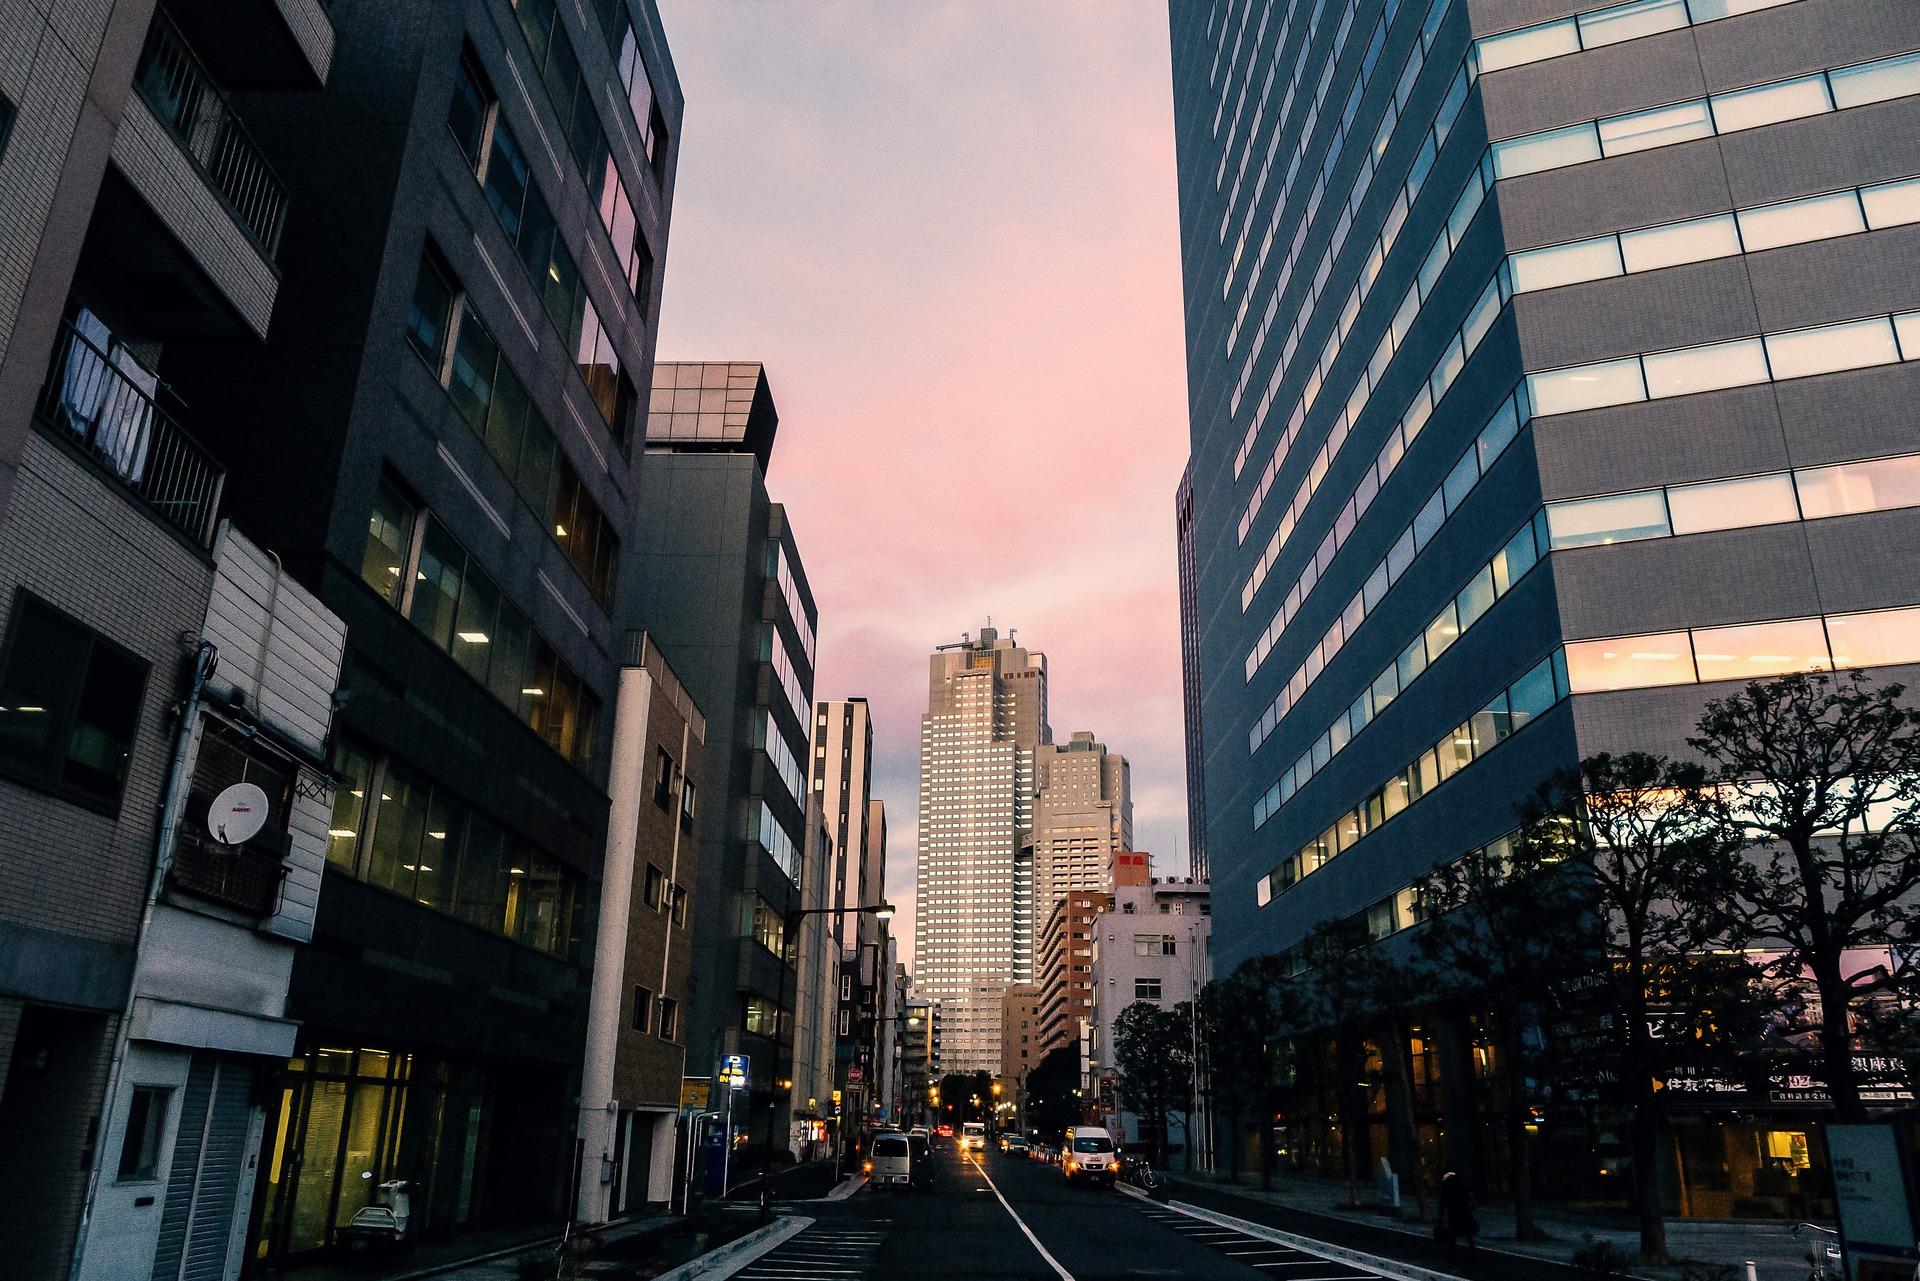 新型コロナウイルス感染症に対する企業の意識調査(2020年8月公開分)~近畿地区、神奈川県、四国地区、熊本県、沖縄県~